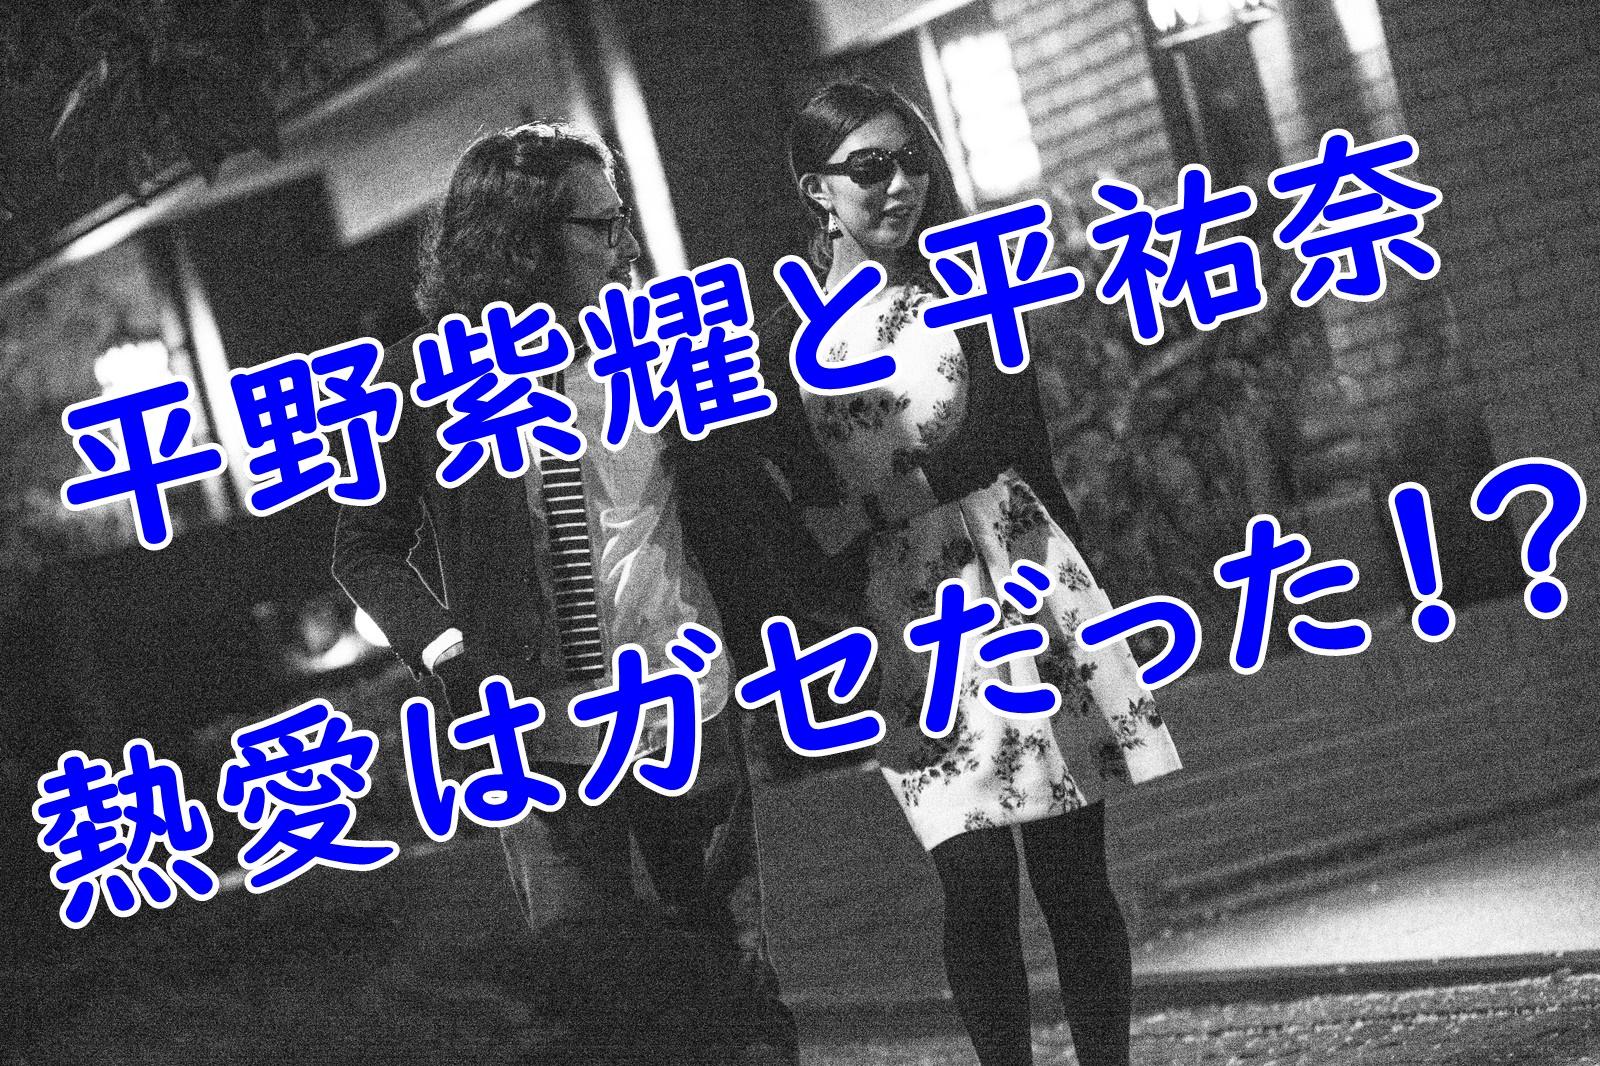 平野紫耀と平祐奈の熱愛がガセだという決定的な証拠